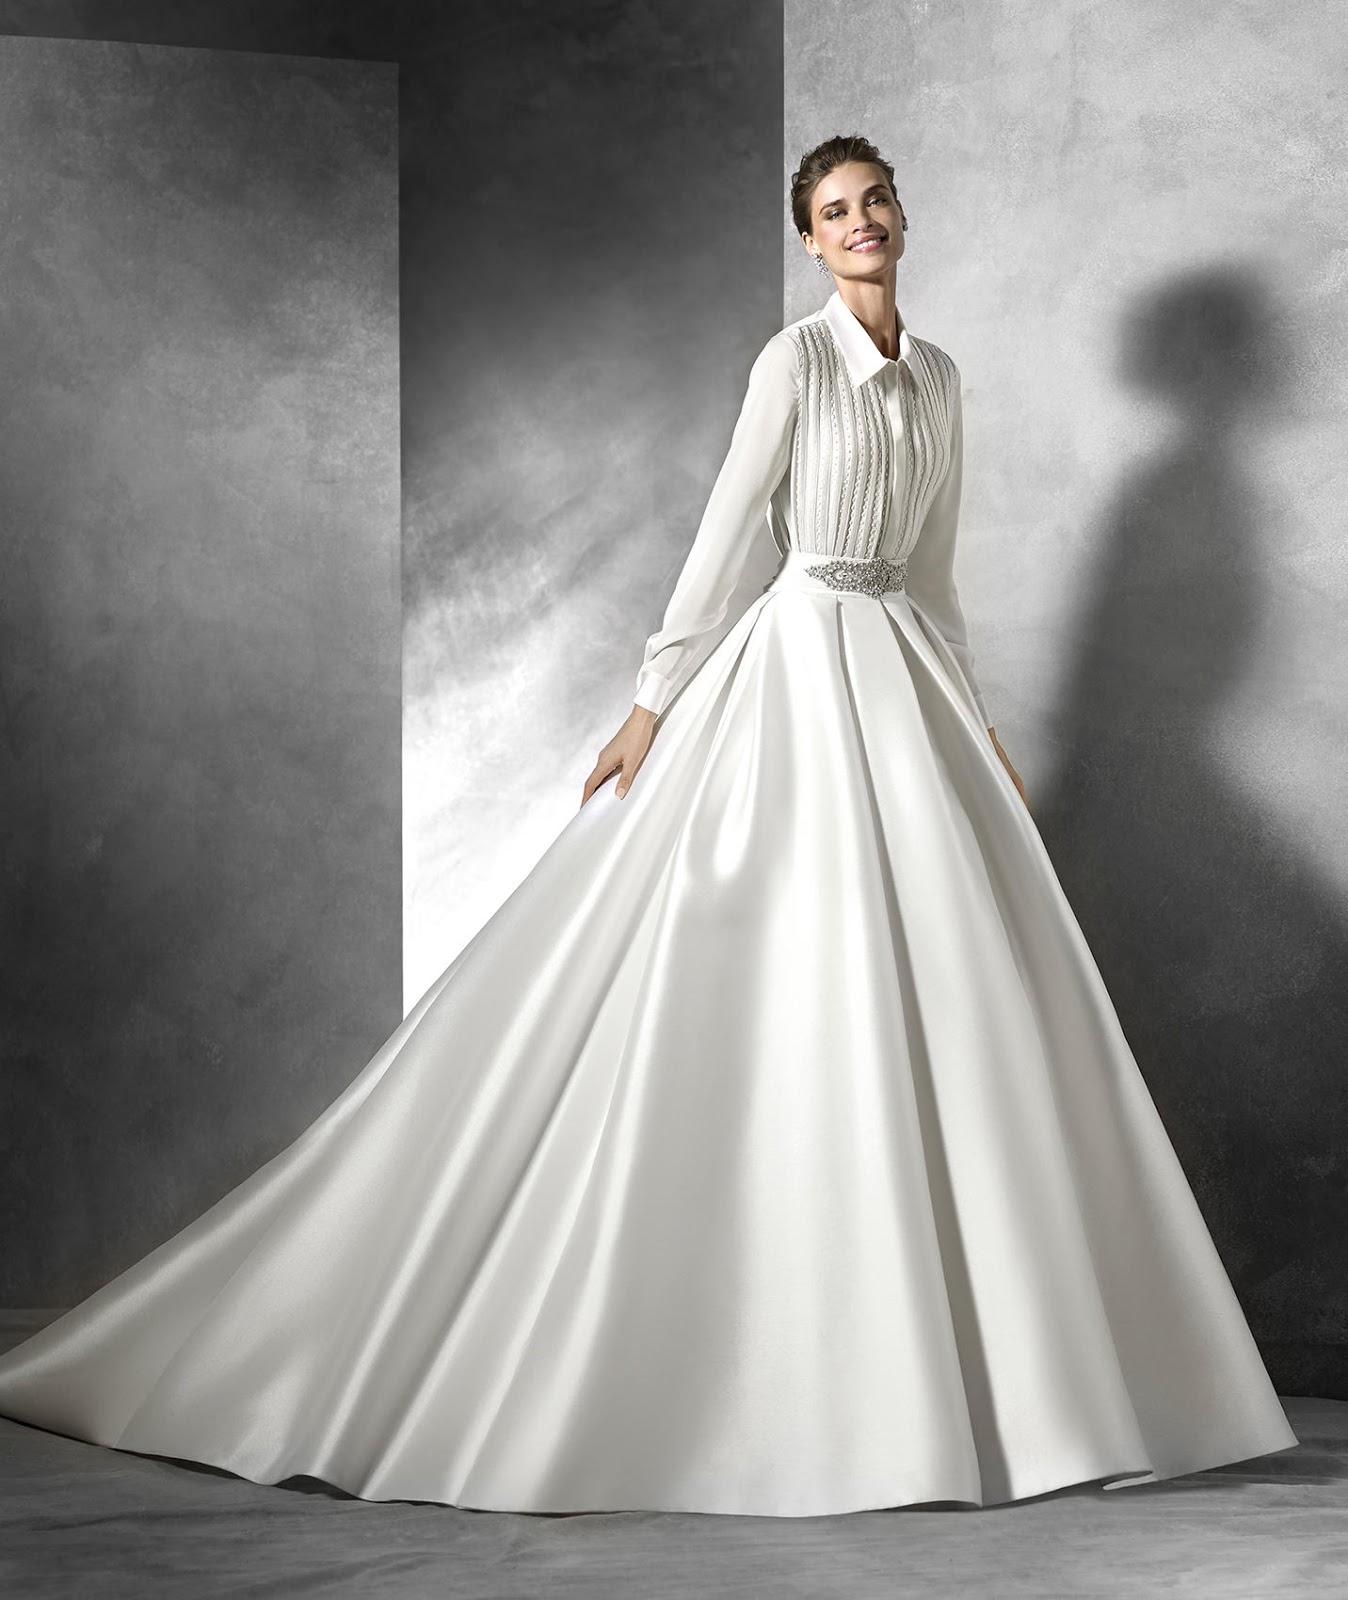 superior quality 82126 0ea70 Pronovias collezioni sposa 2016, dei modelli originali ...